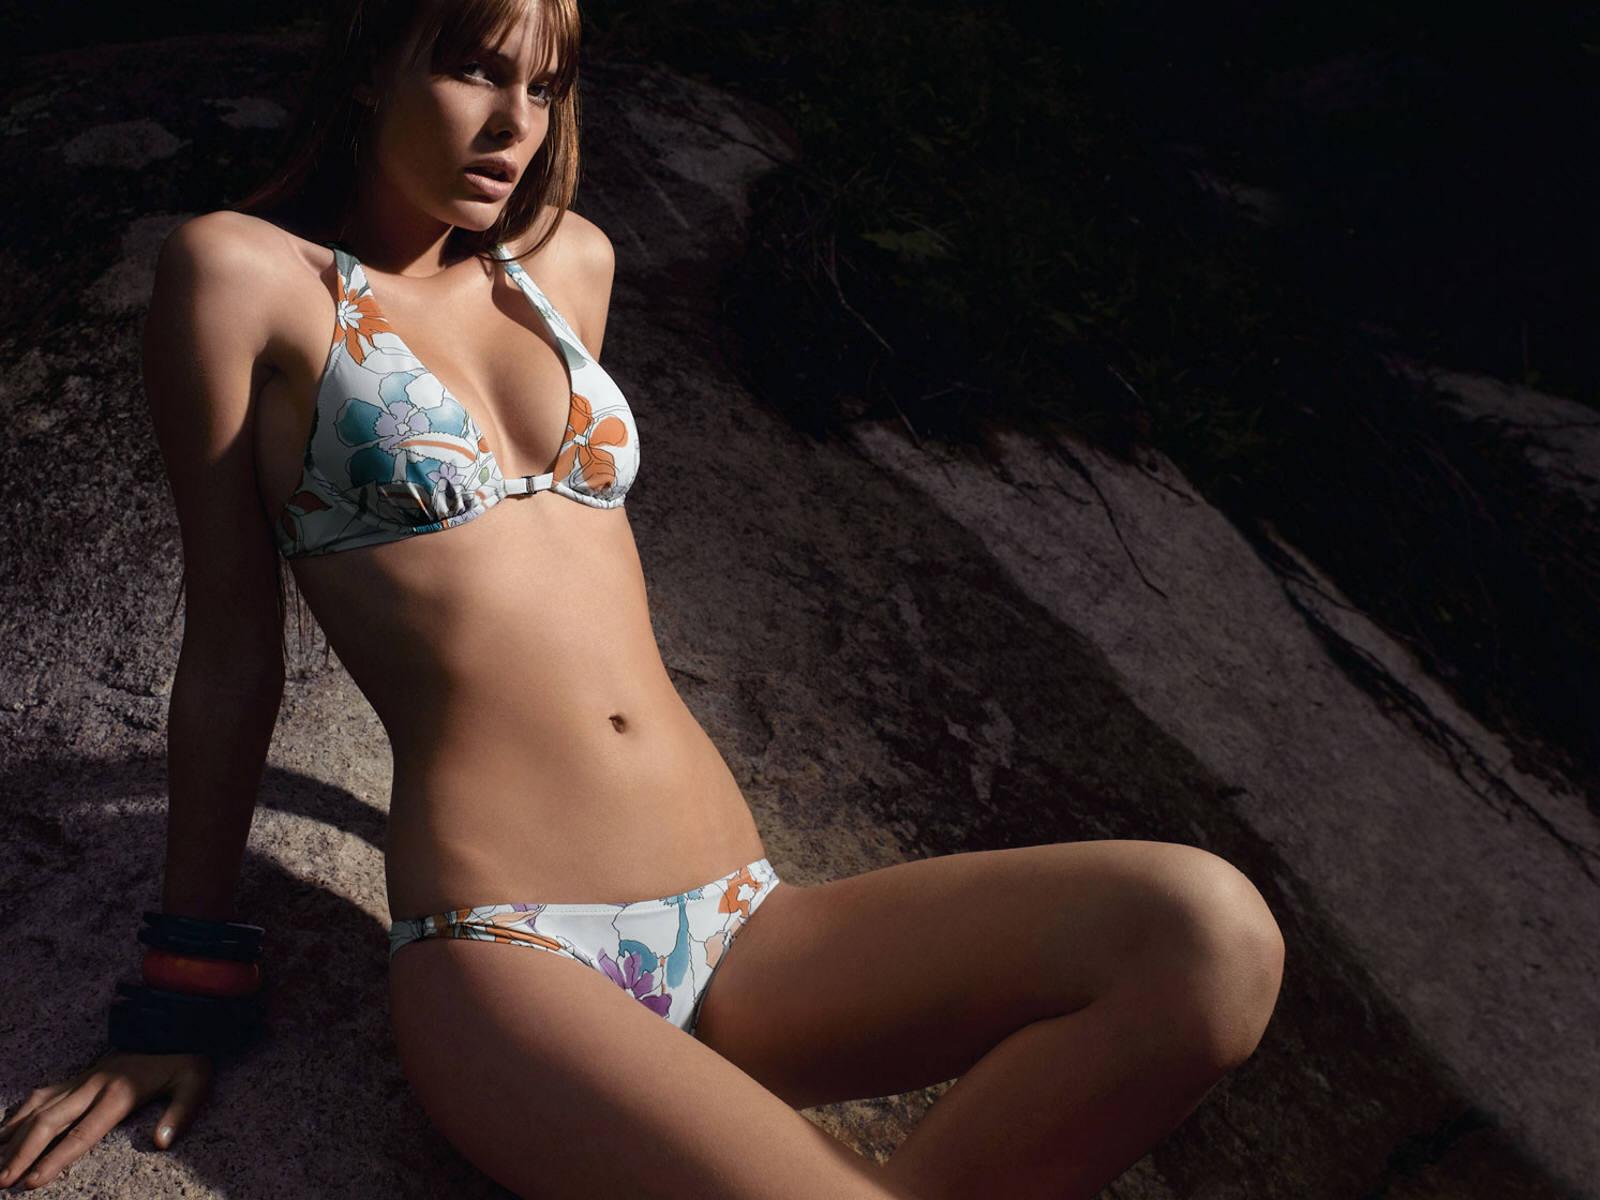 Фотографии голых молоденьких девушек 1 фотография